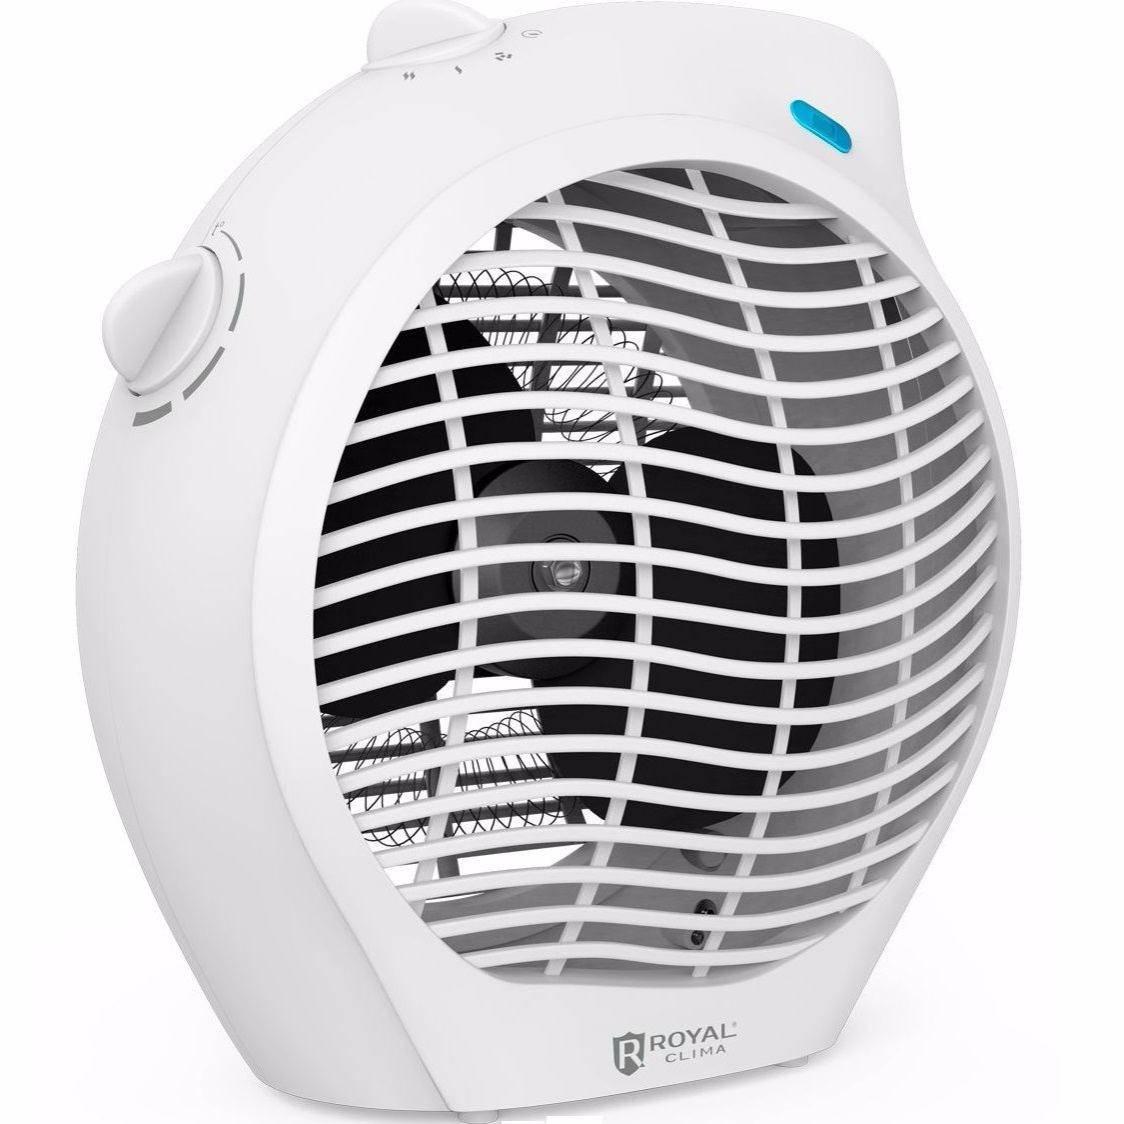 Как выбрать тепловентилятор для дома - критерии выбора + видео